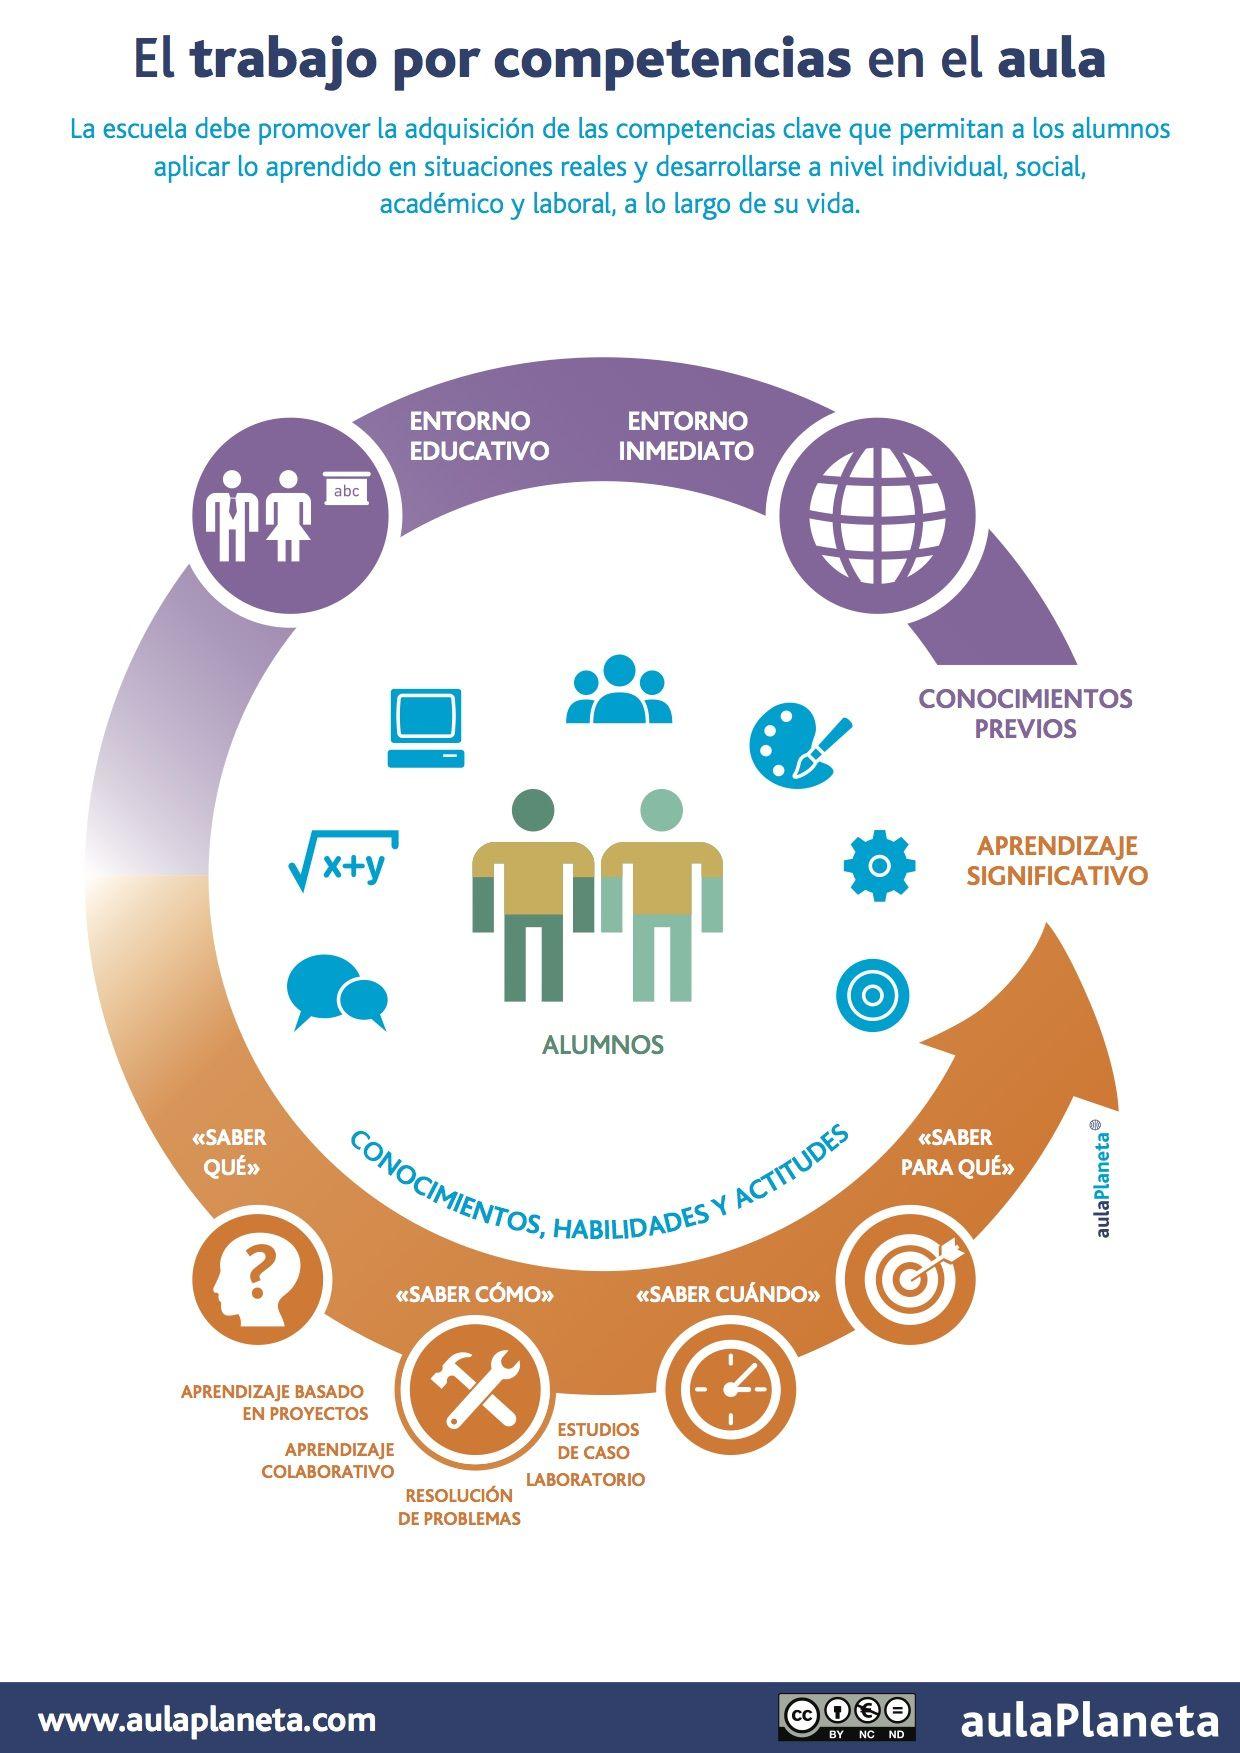 el trabajo por competencias en el aula  infografia  infographic  education